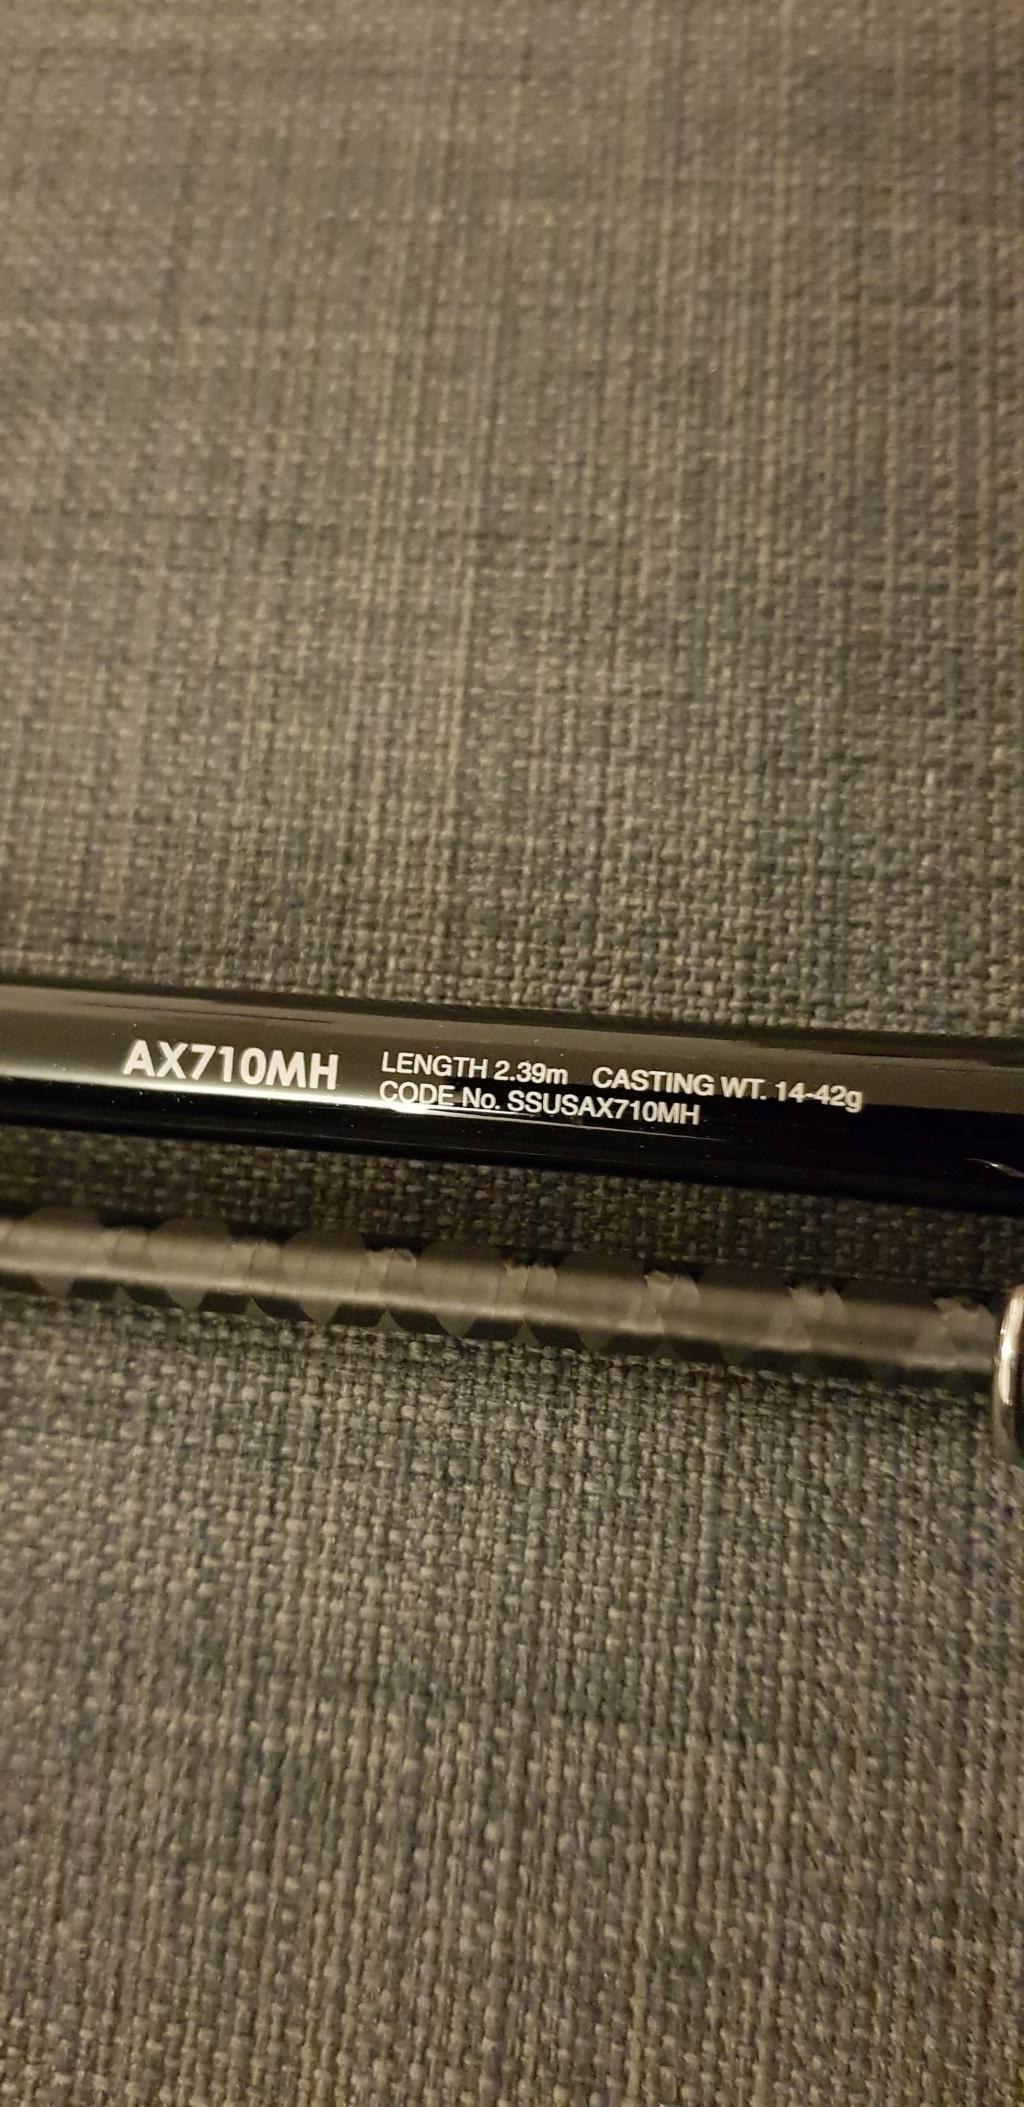 [Vendo-Scambio] Shimano Sustain AX710MH 14-42 gr 20190117